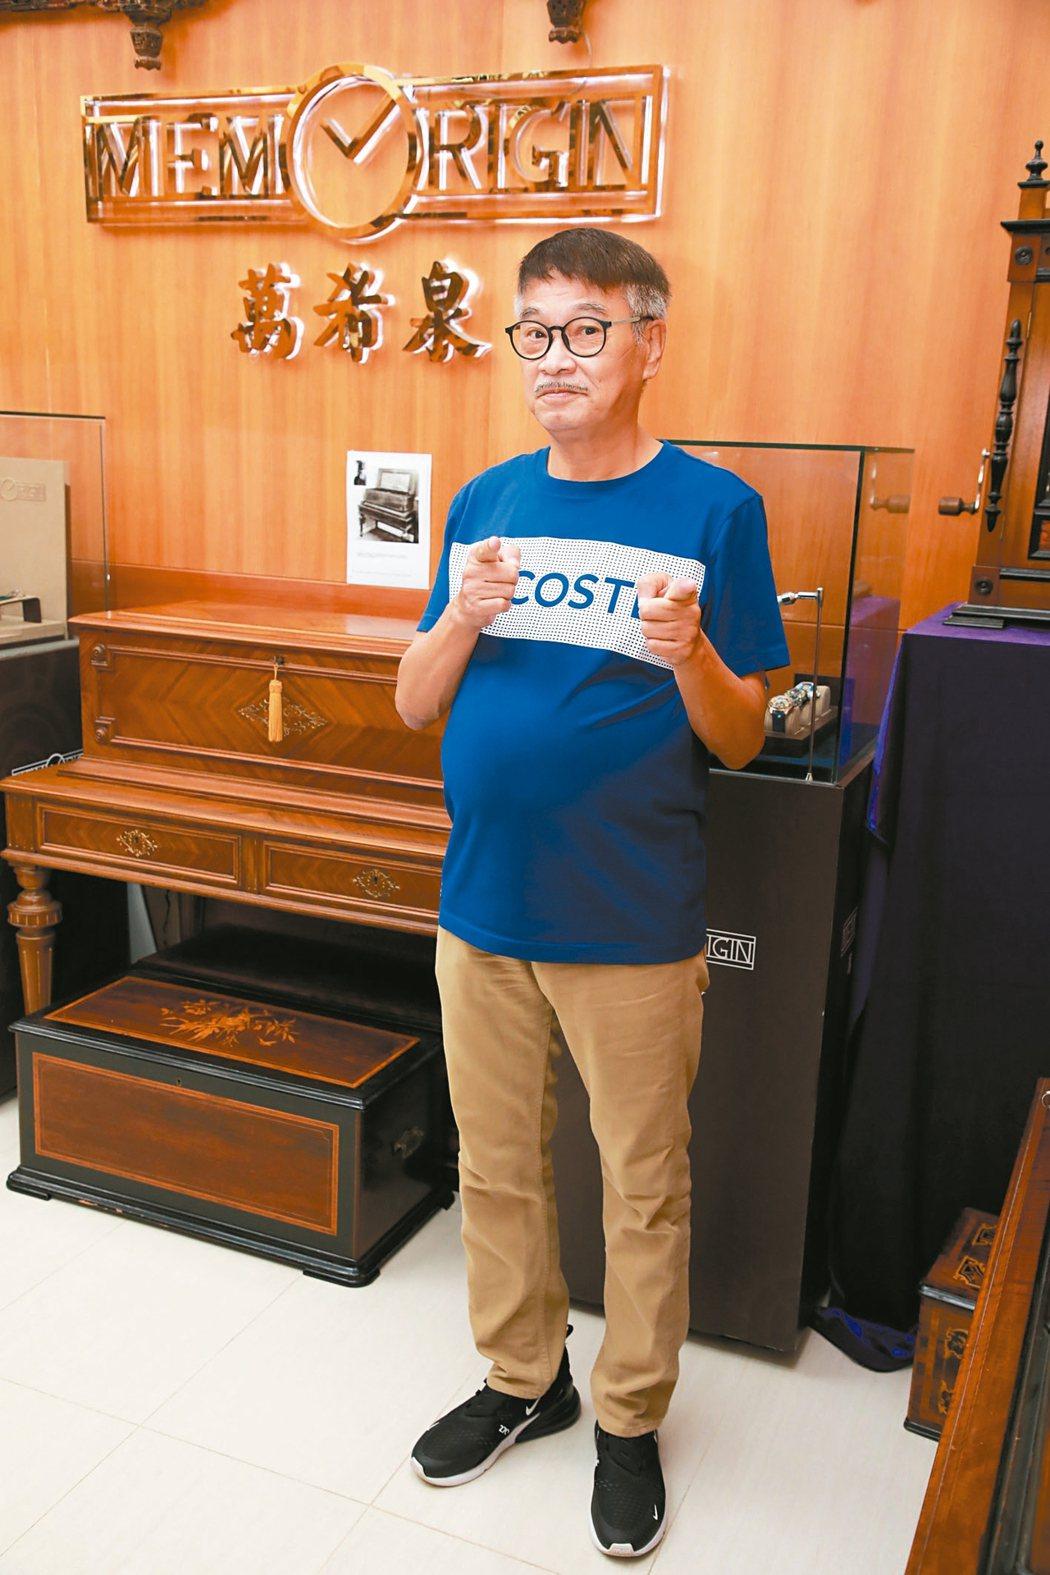 2月27日,香港演員吳孟達因癌症病情惡化當天下午5時許病逝,享壽70歲。 圖/視